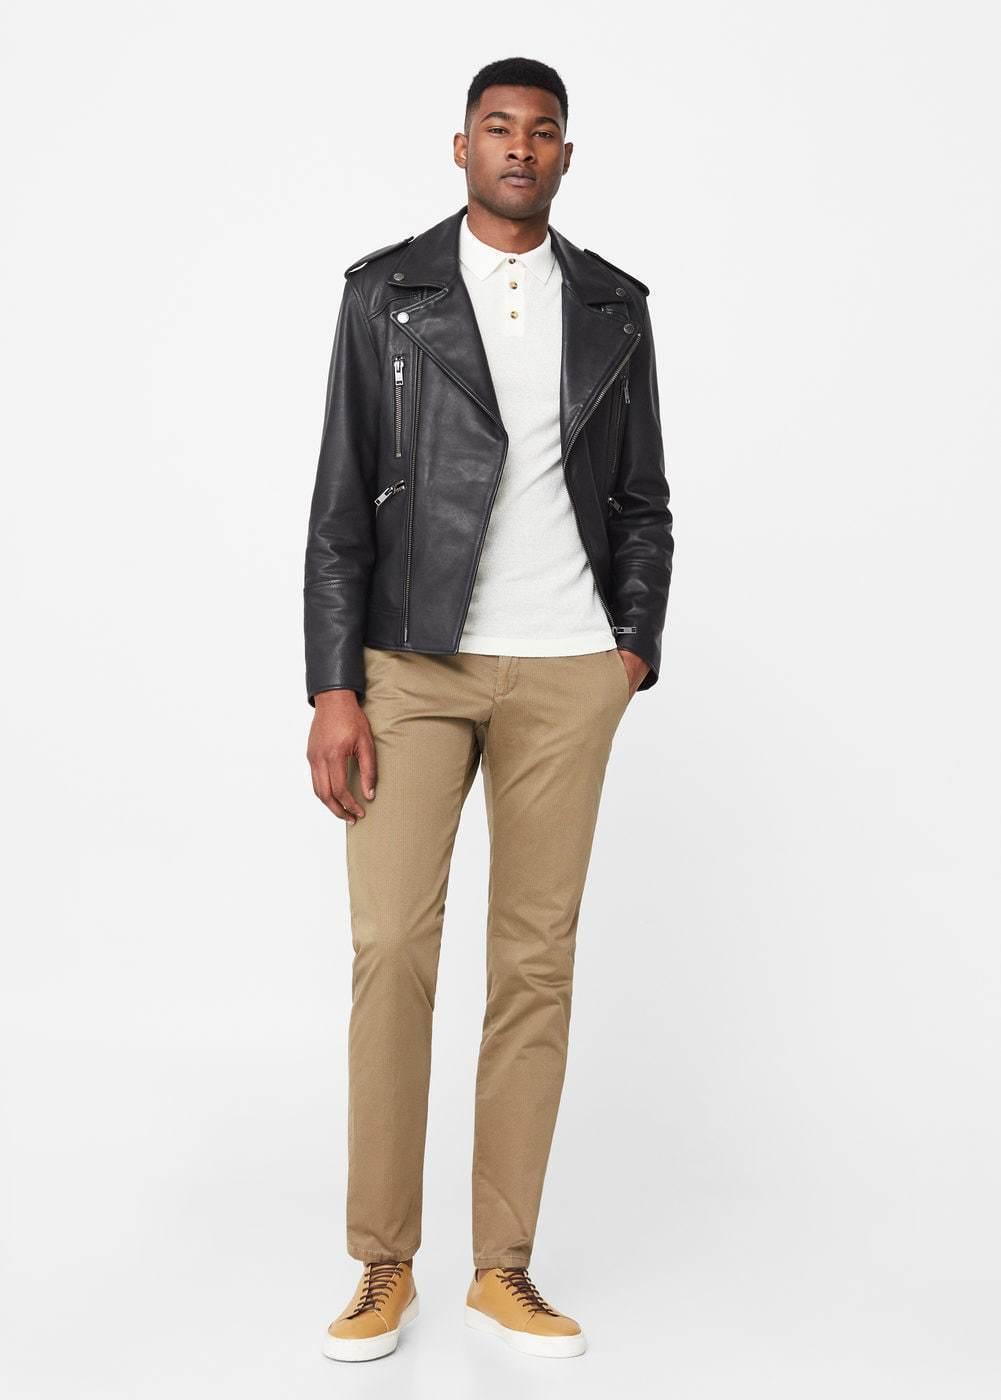 Como combinar una chaqueta de cuero marron hombre for Combinar marron